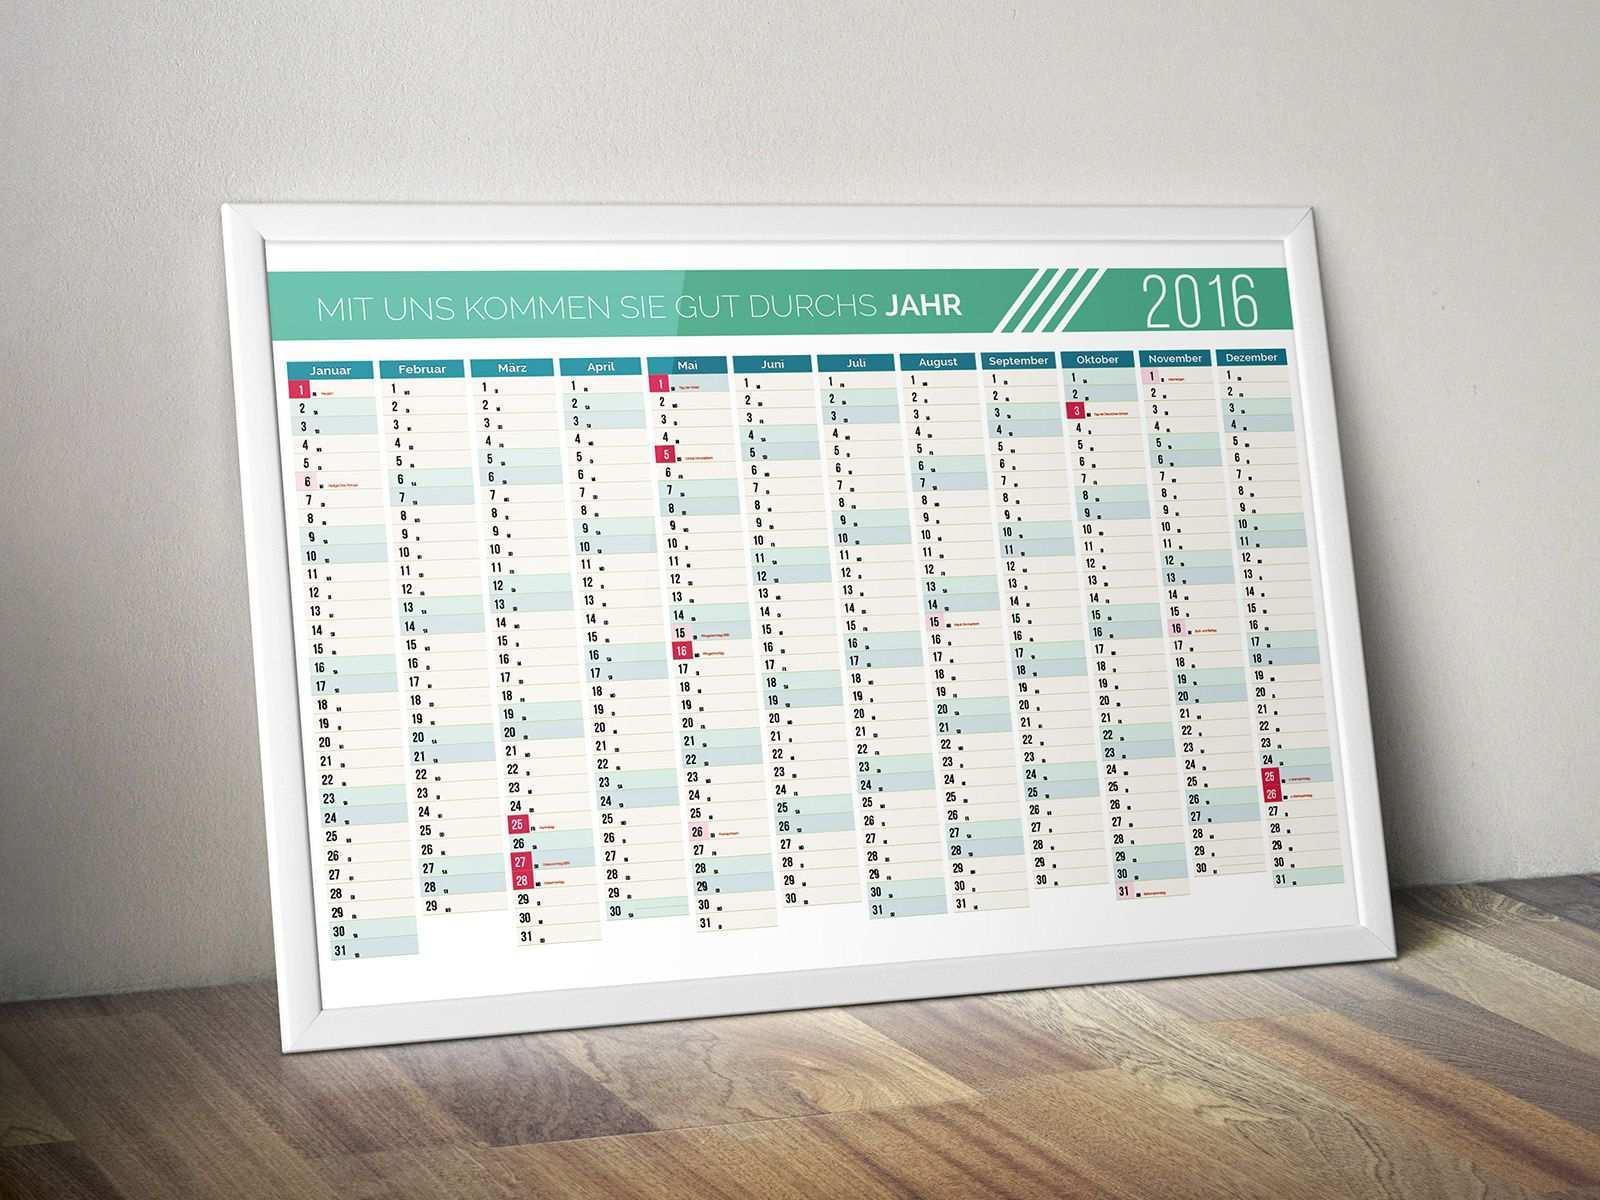 Indesign Kalendervorlagen 2018 2019 2020 Kalender Vorlagen Individuelle Geschenke Vorlagen